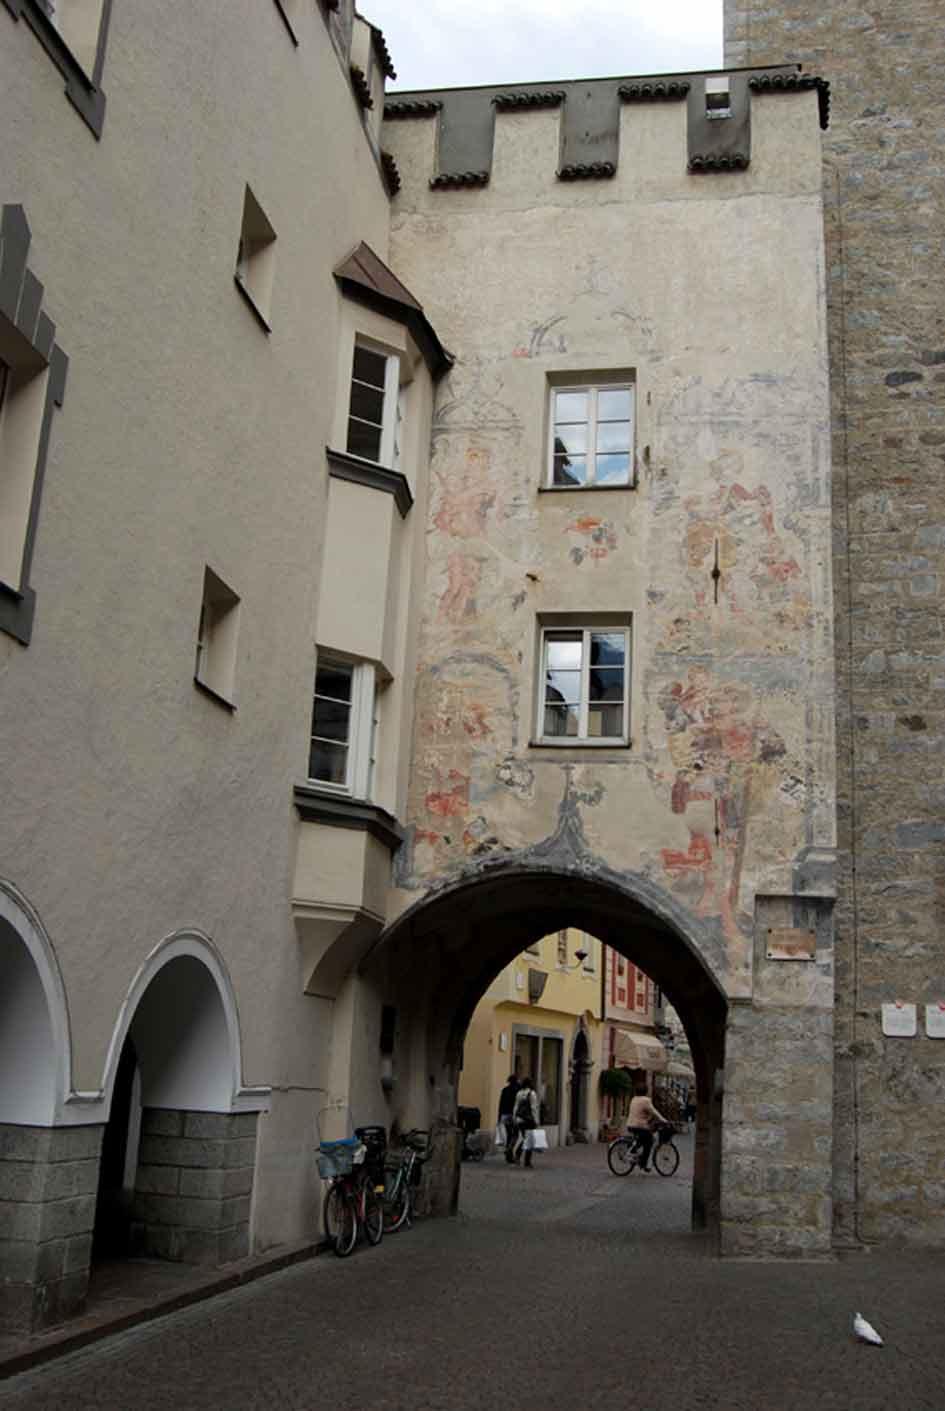 Guide Turistiche Bressanone  Luciano Vivaldo Il centro storico di Bressanone La Citt Principe